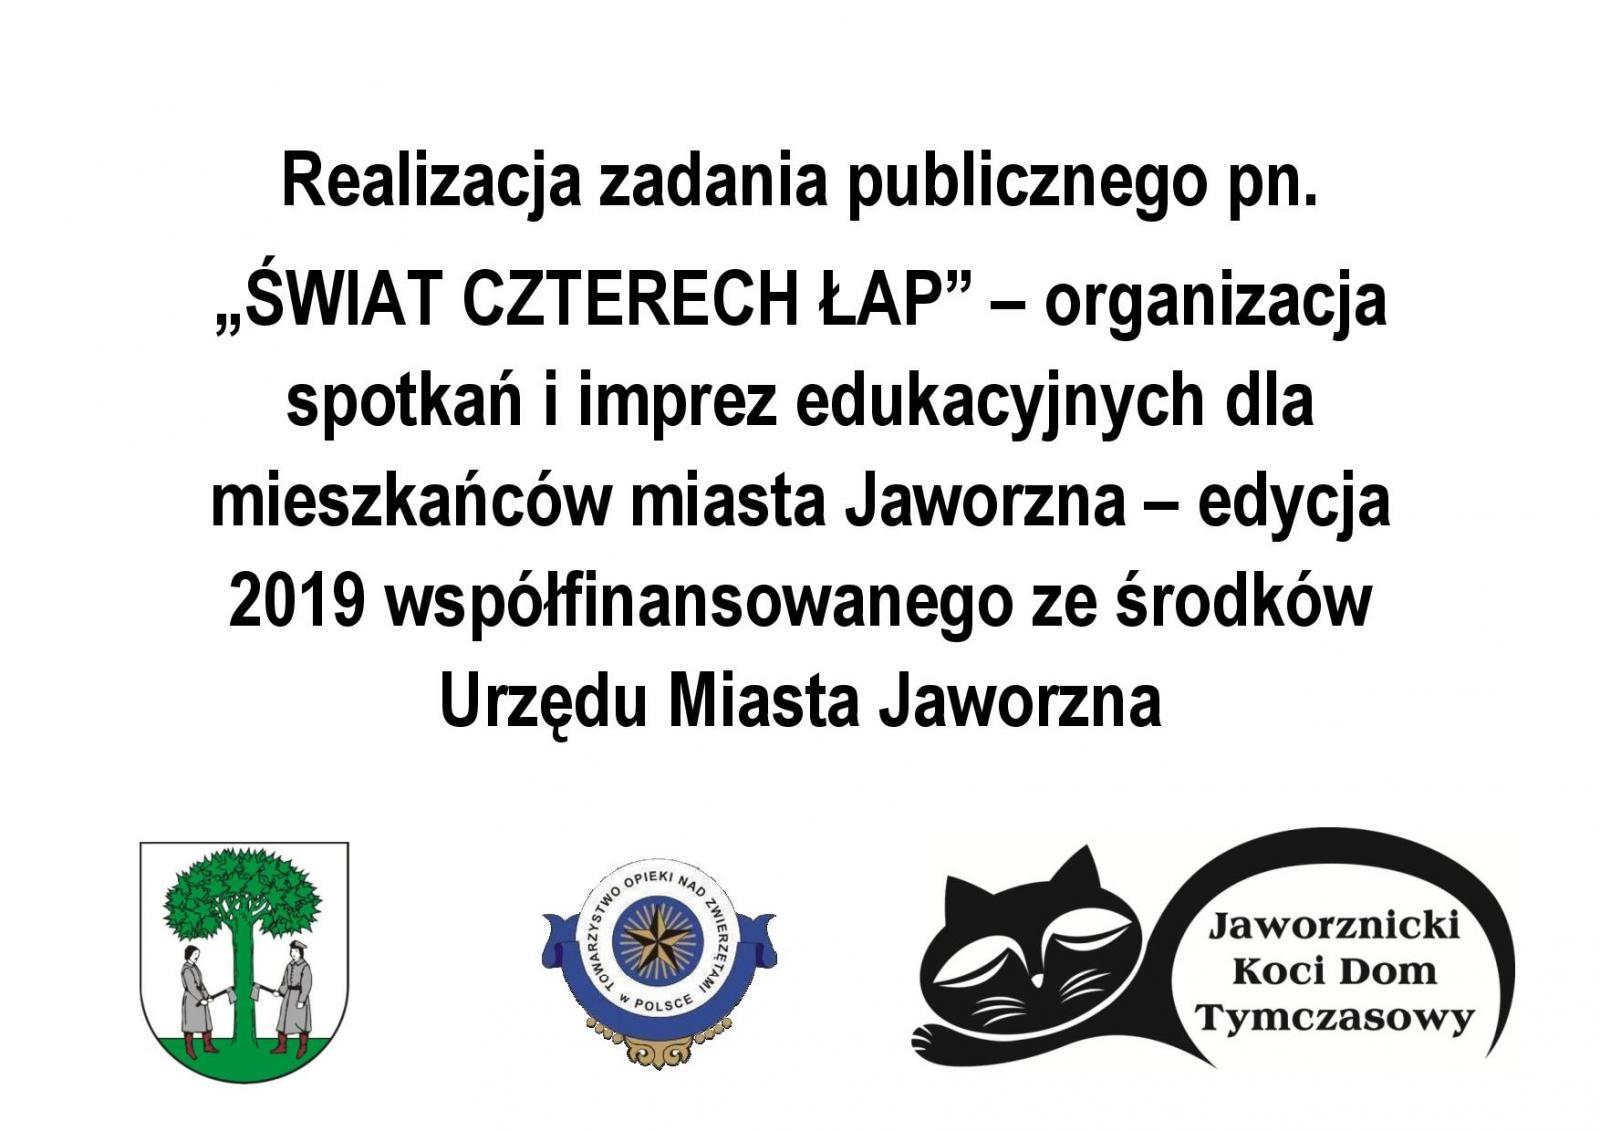 Realizacja zadania publicznego - ŚWIAT CZTERECH ŁAP